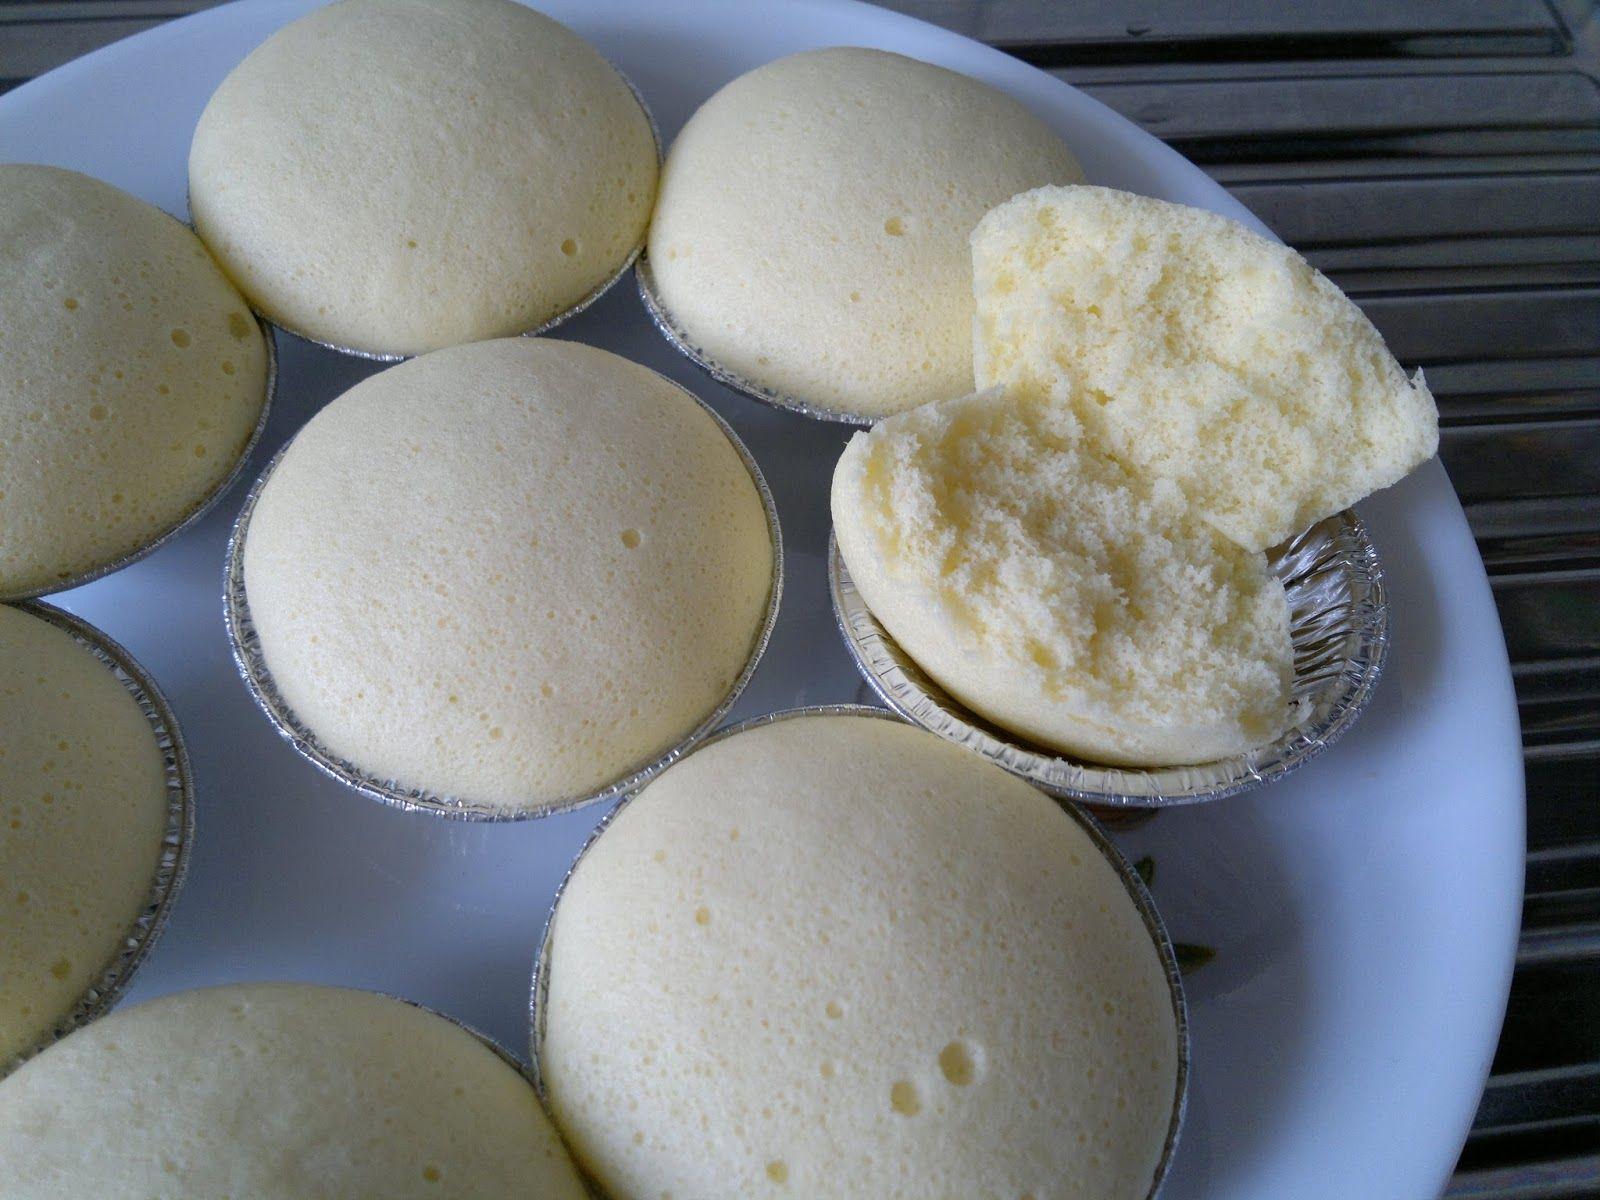 美味食譜-由玲開始: 水蒸小蛋糕 | Cake, Vanilla cake, Desserts